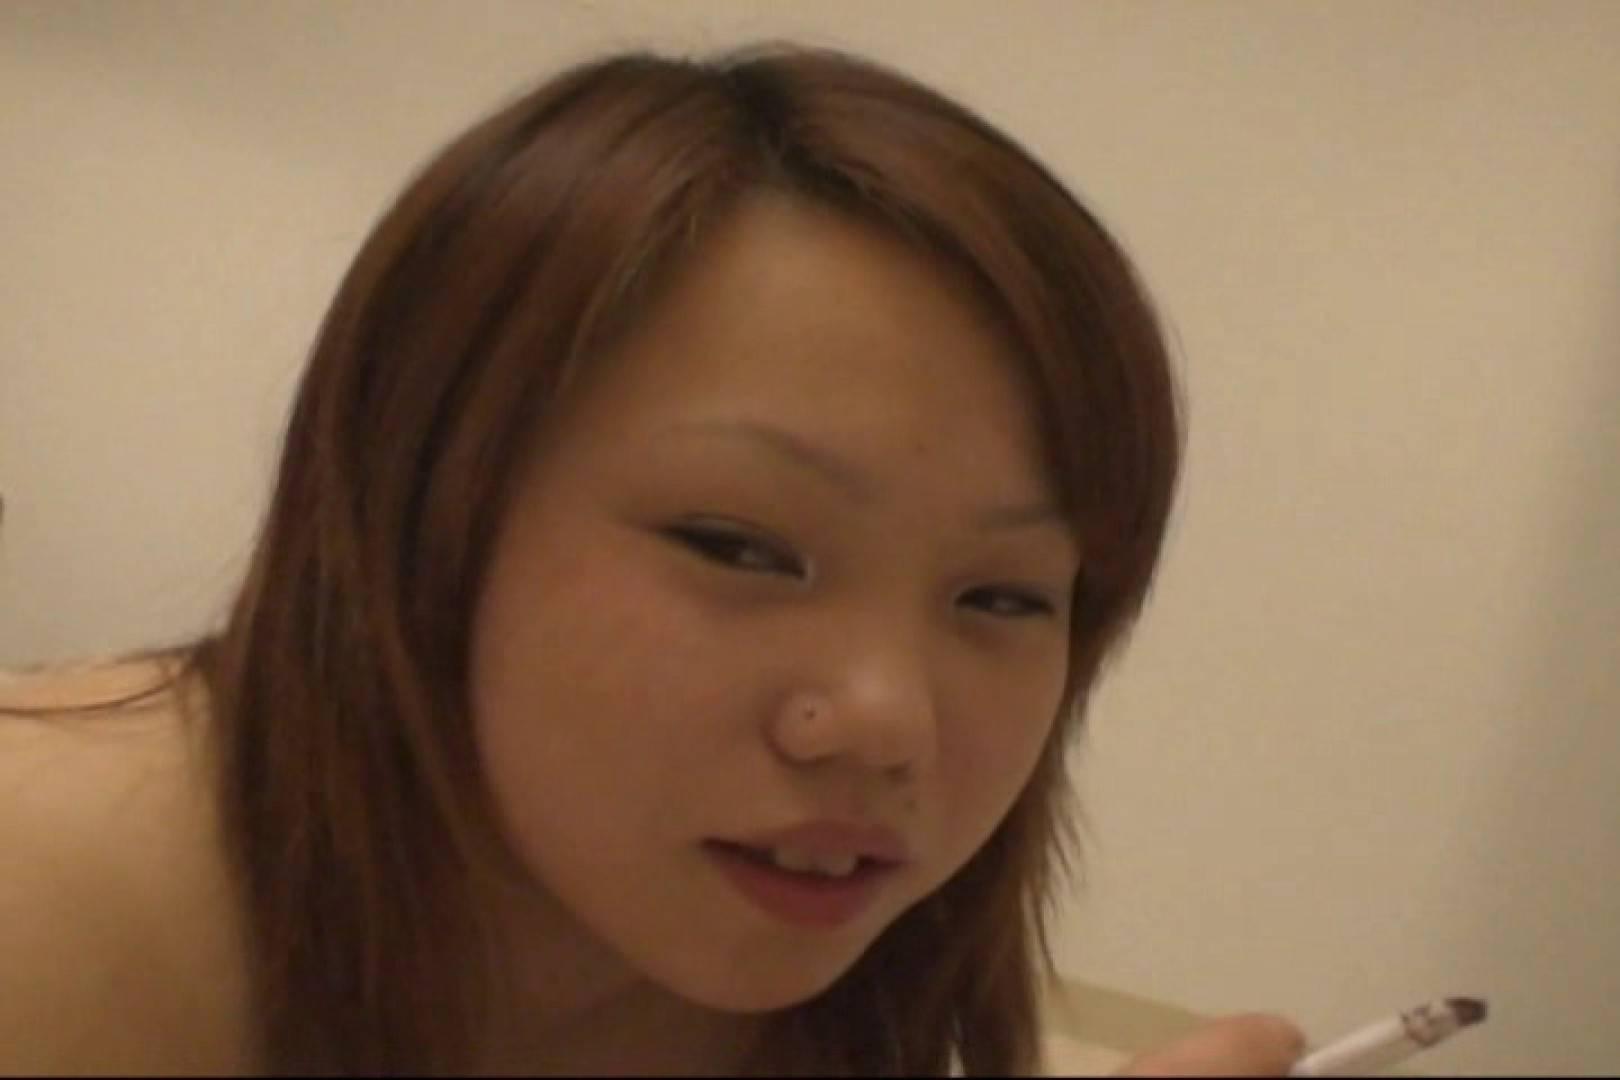 18歳援助ポチャ嬢 一般投稿  48連発